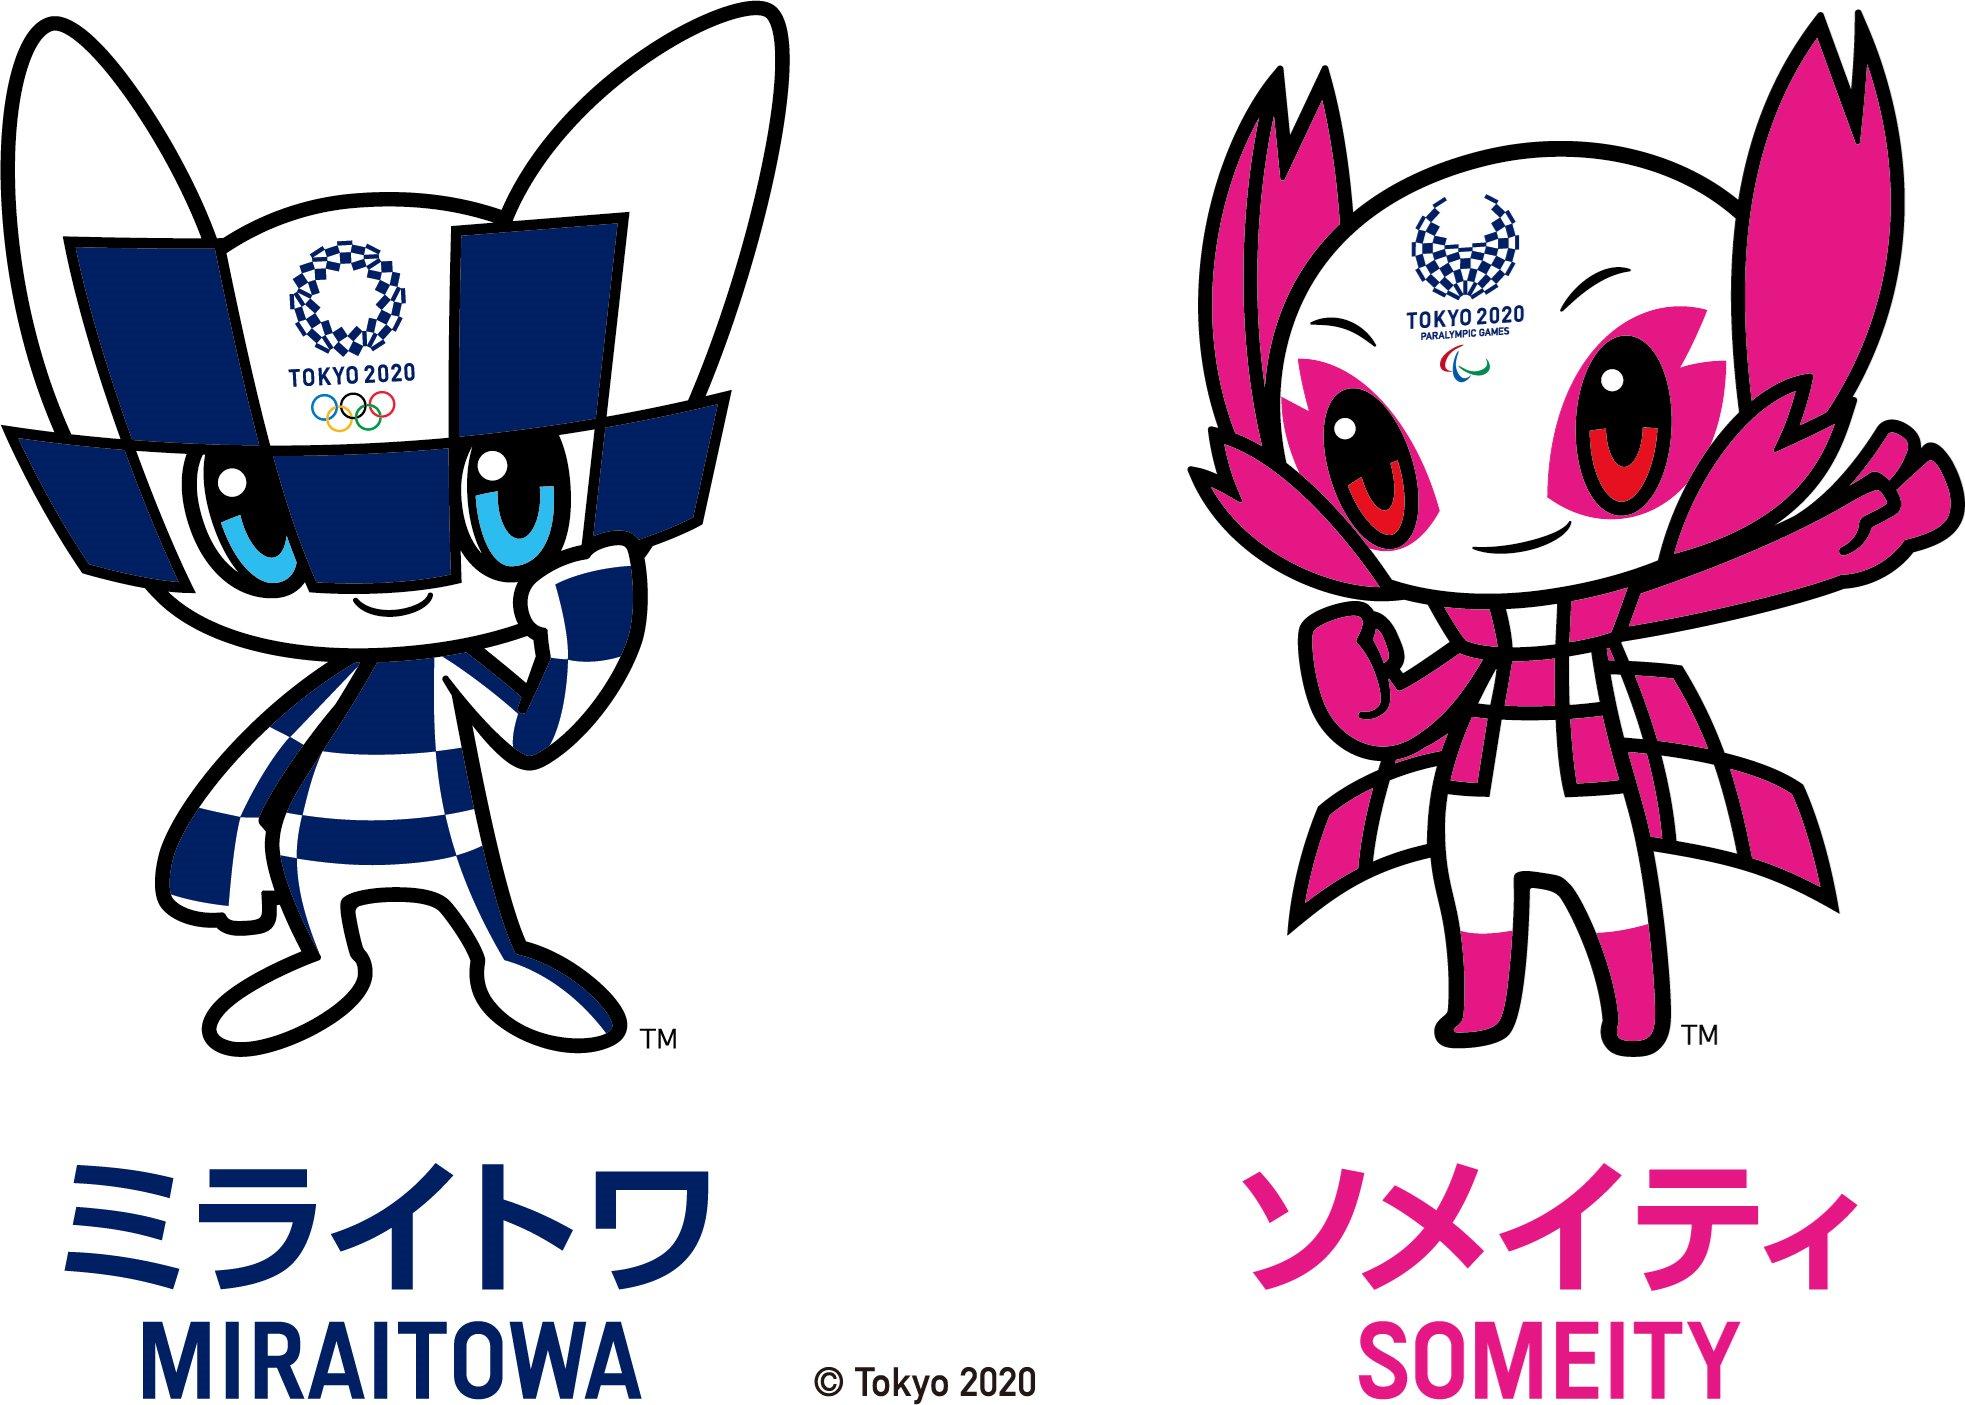 Twitter À¤ªà¤° Team Deutschland Konnichiwa Miraitowa Und Someity Das Sind Die Maskottchen Fur Die Olympischen Links Und Paralympischen Rechts Sommerspiele 2020 In Tokio Wir Freuen Uns Auf Euch Wirfuerd Teamd Roadtotokyo